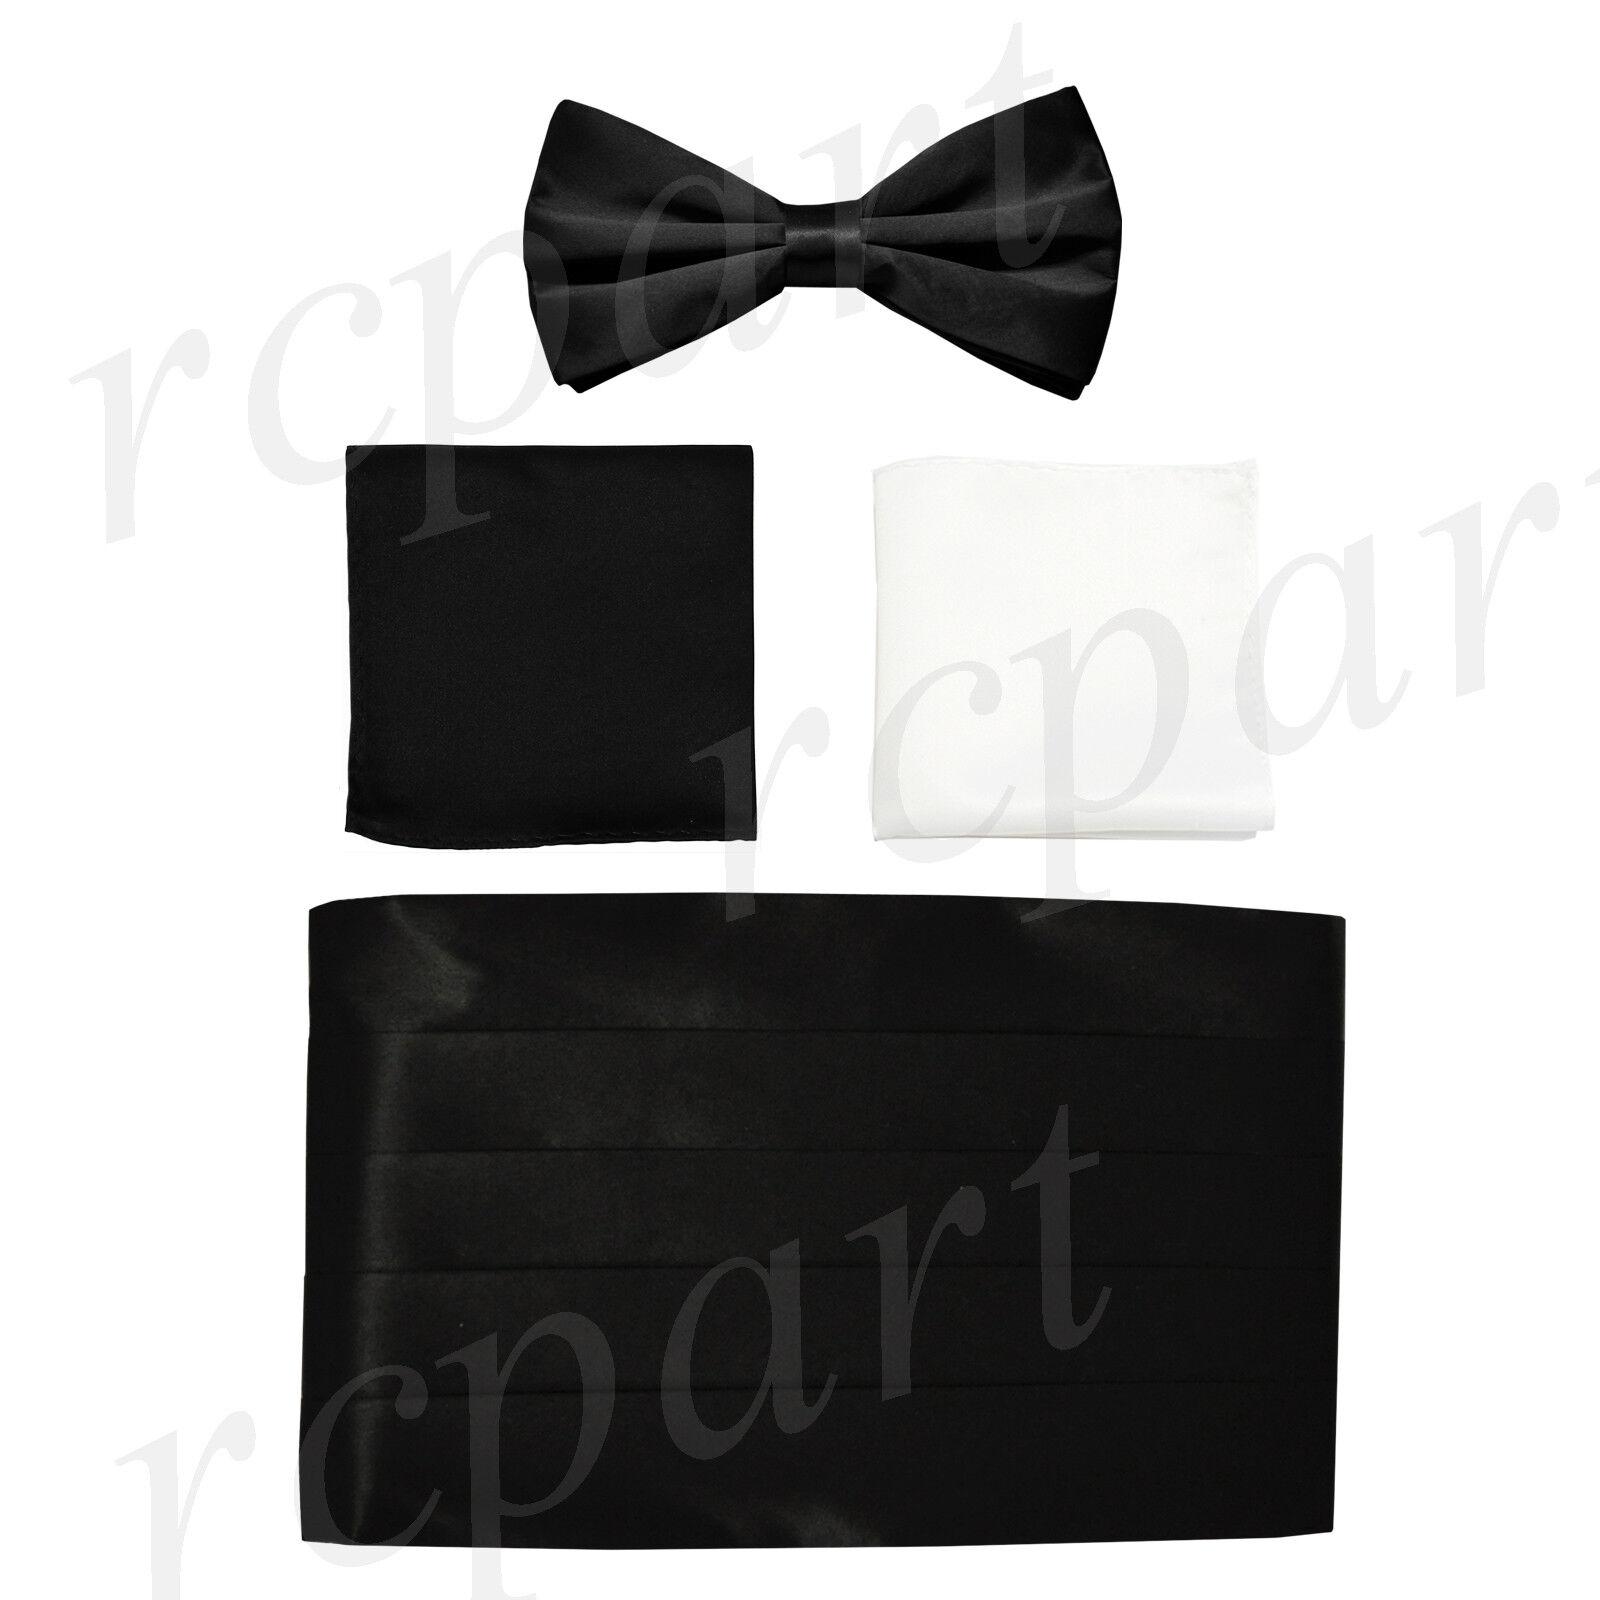 NEW in box formal polyester Cummerbund & bowtie set Black with two hankies